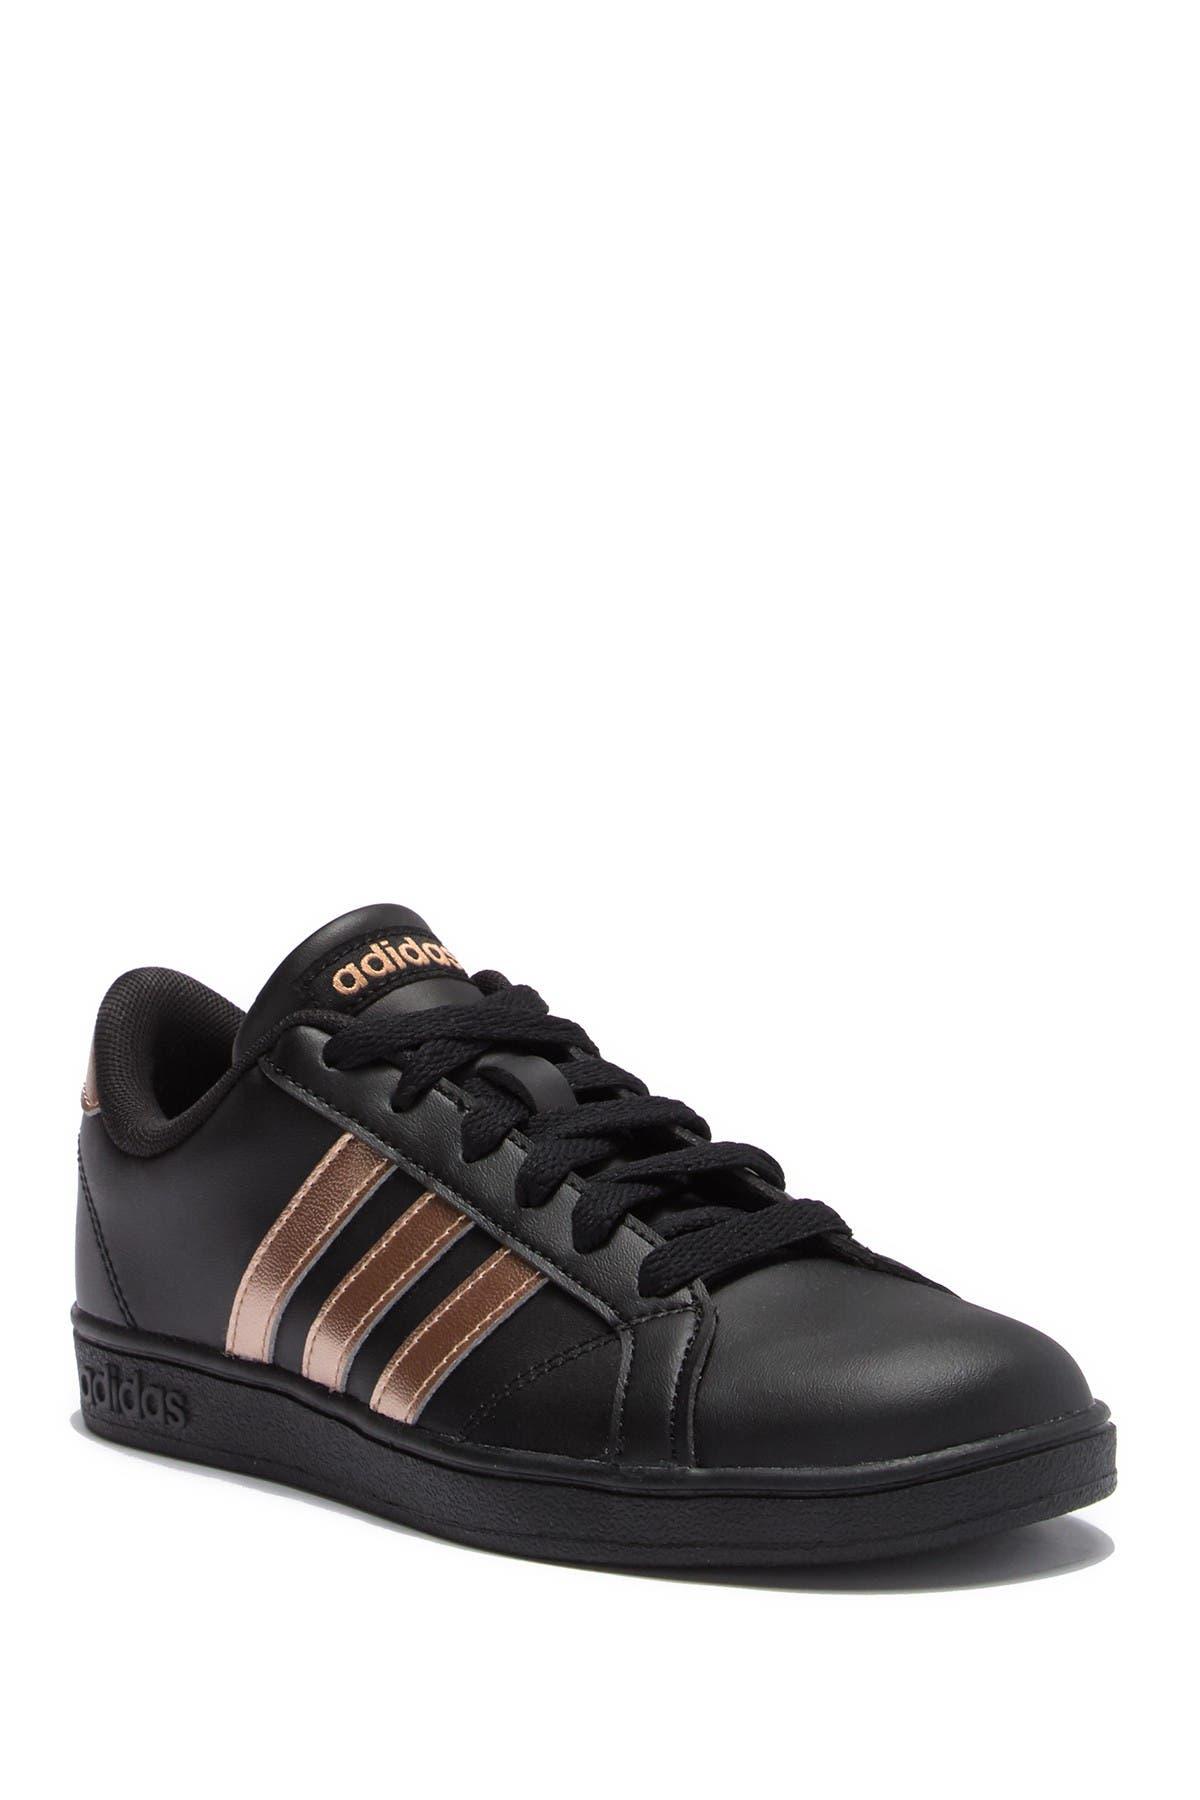 adidas   Baseline K Leather Sneaker